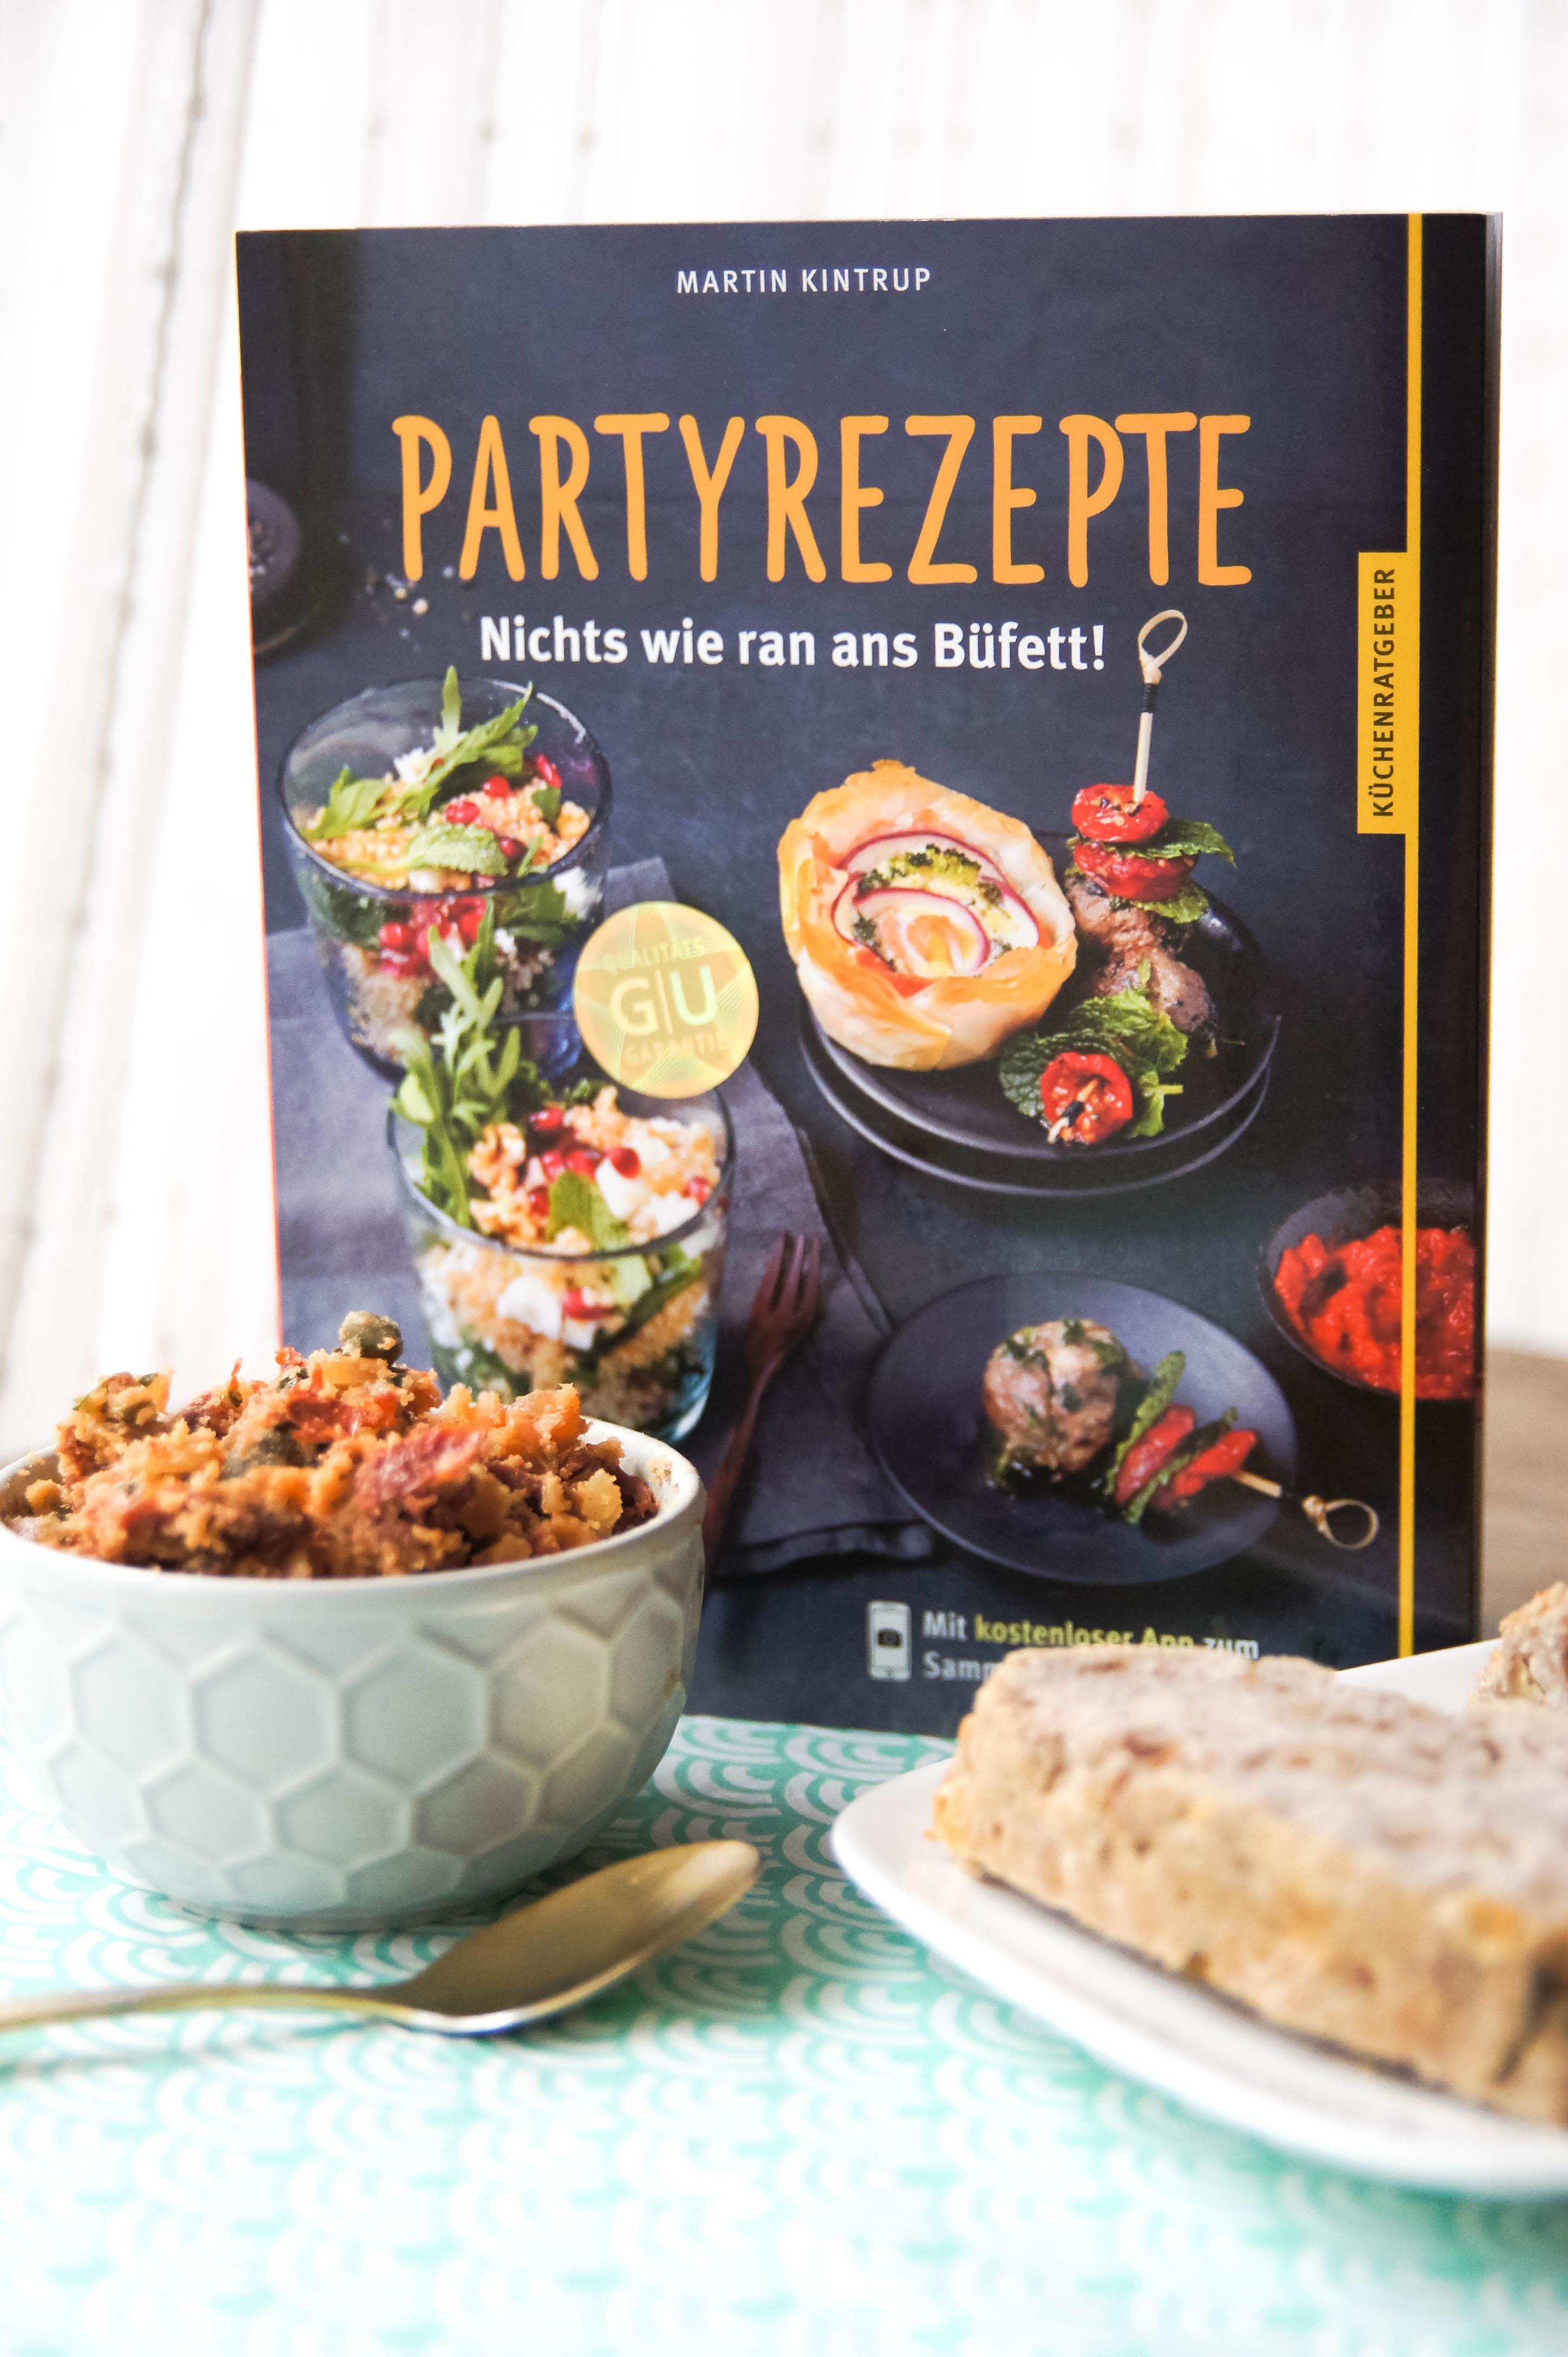 Partyrezepte 2015